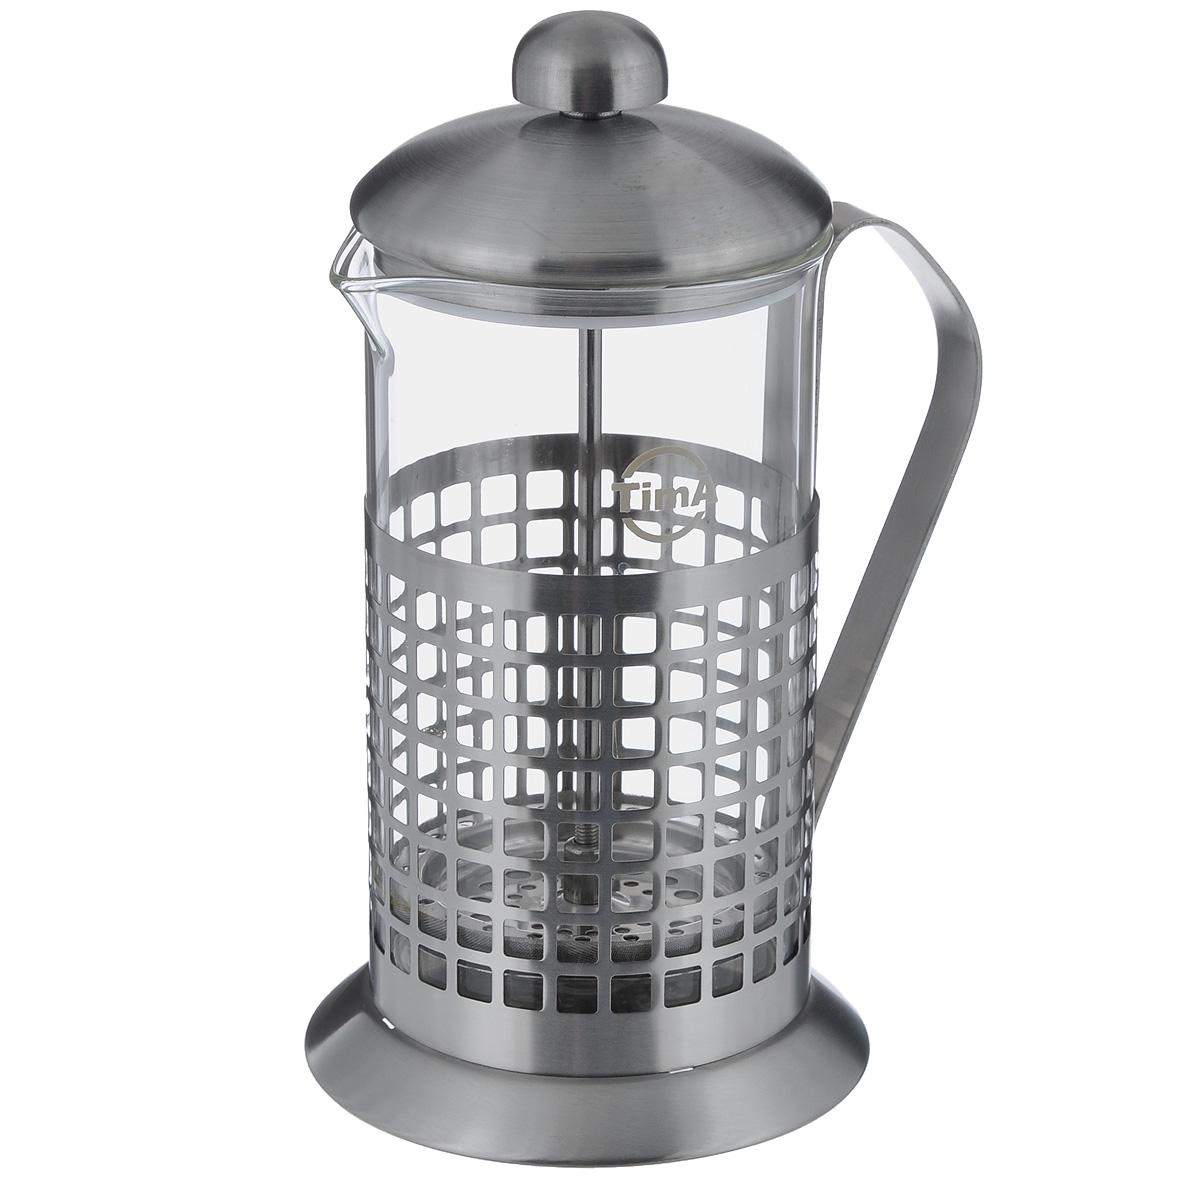 Френч прессы и чайники заварочные из жаропрочного стекла